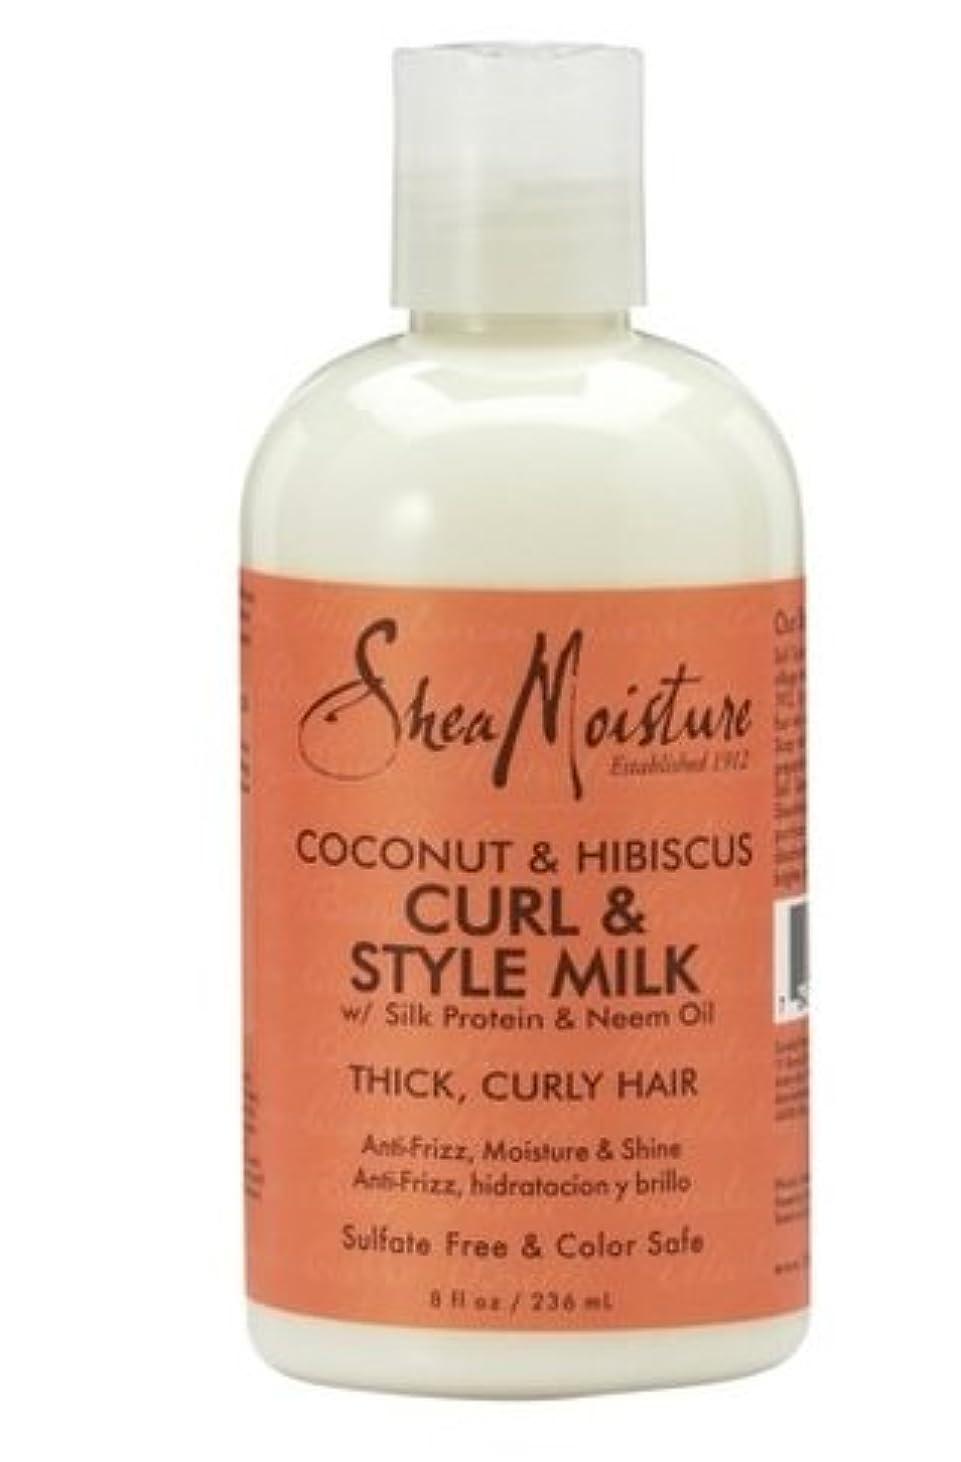 印象的なオーディションホストSheaMoisture Coconut & Hibiscus Curl & Style Milk 230ml ココナッツ&ハイビスカスカール&スタイルミルク [並行輸入品]